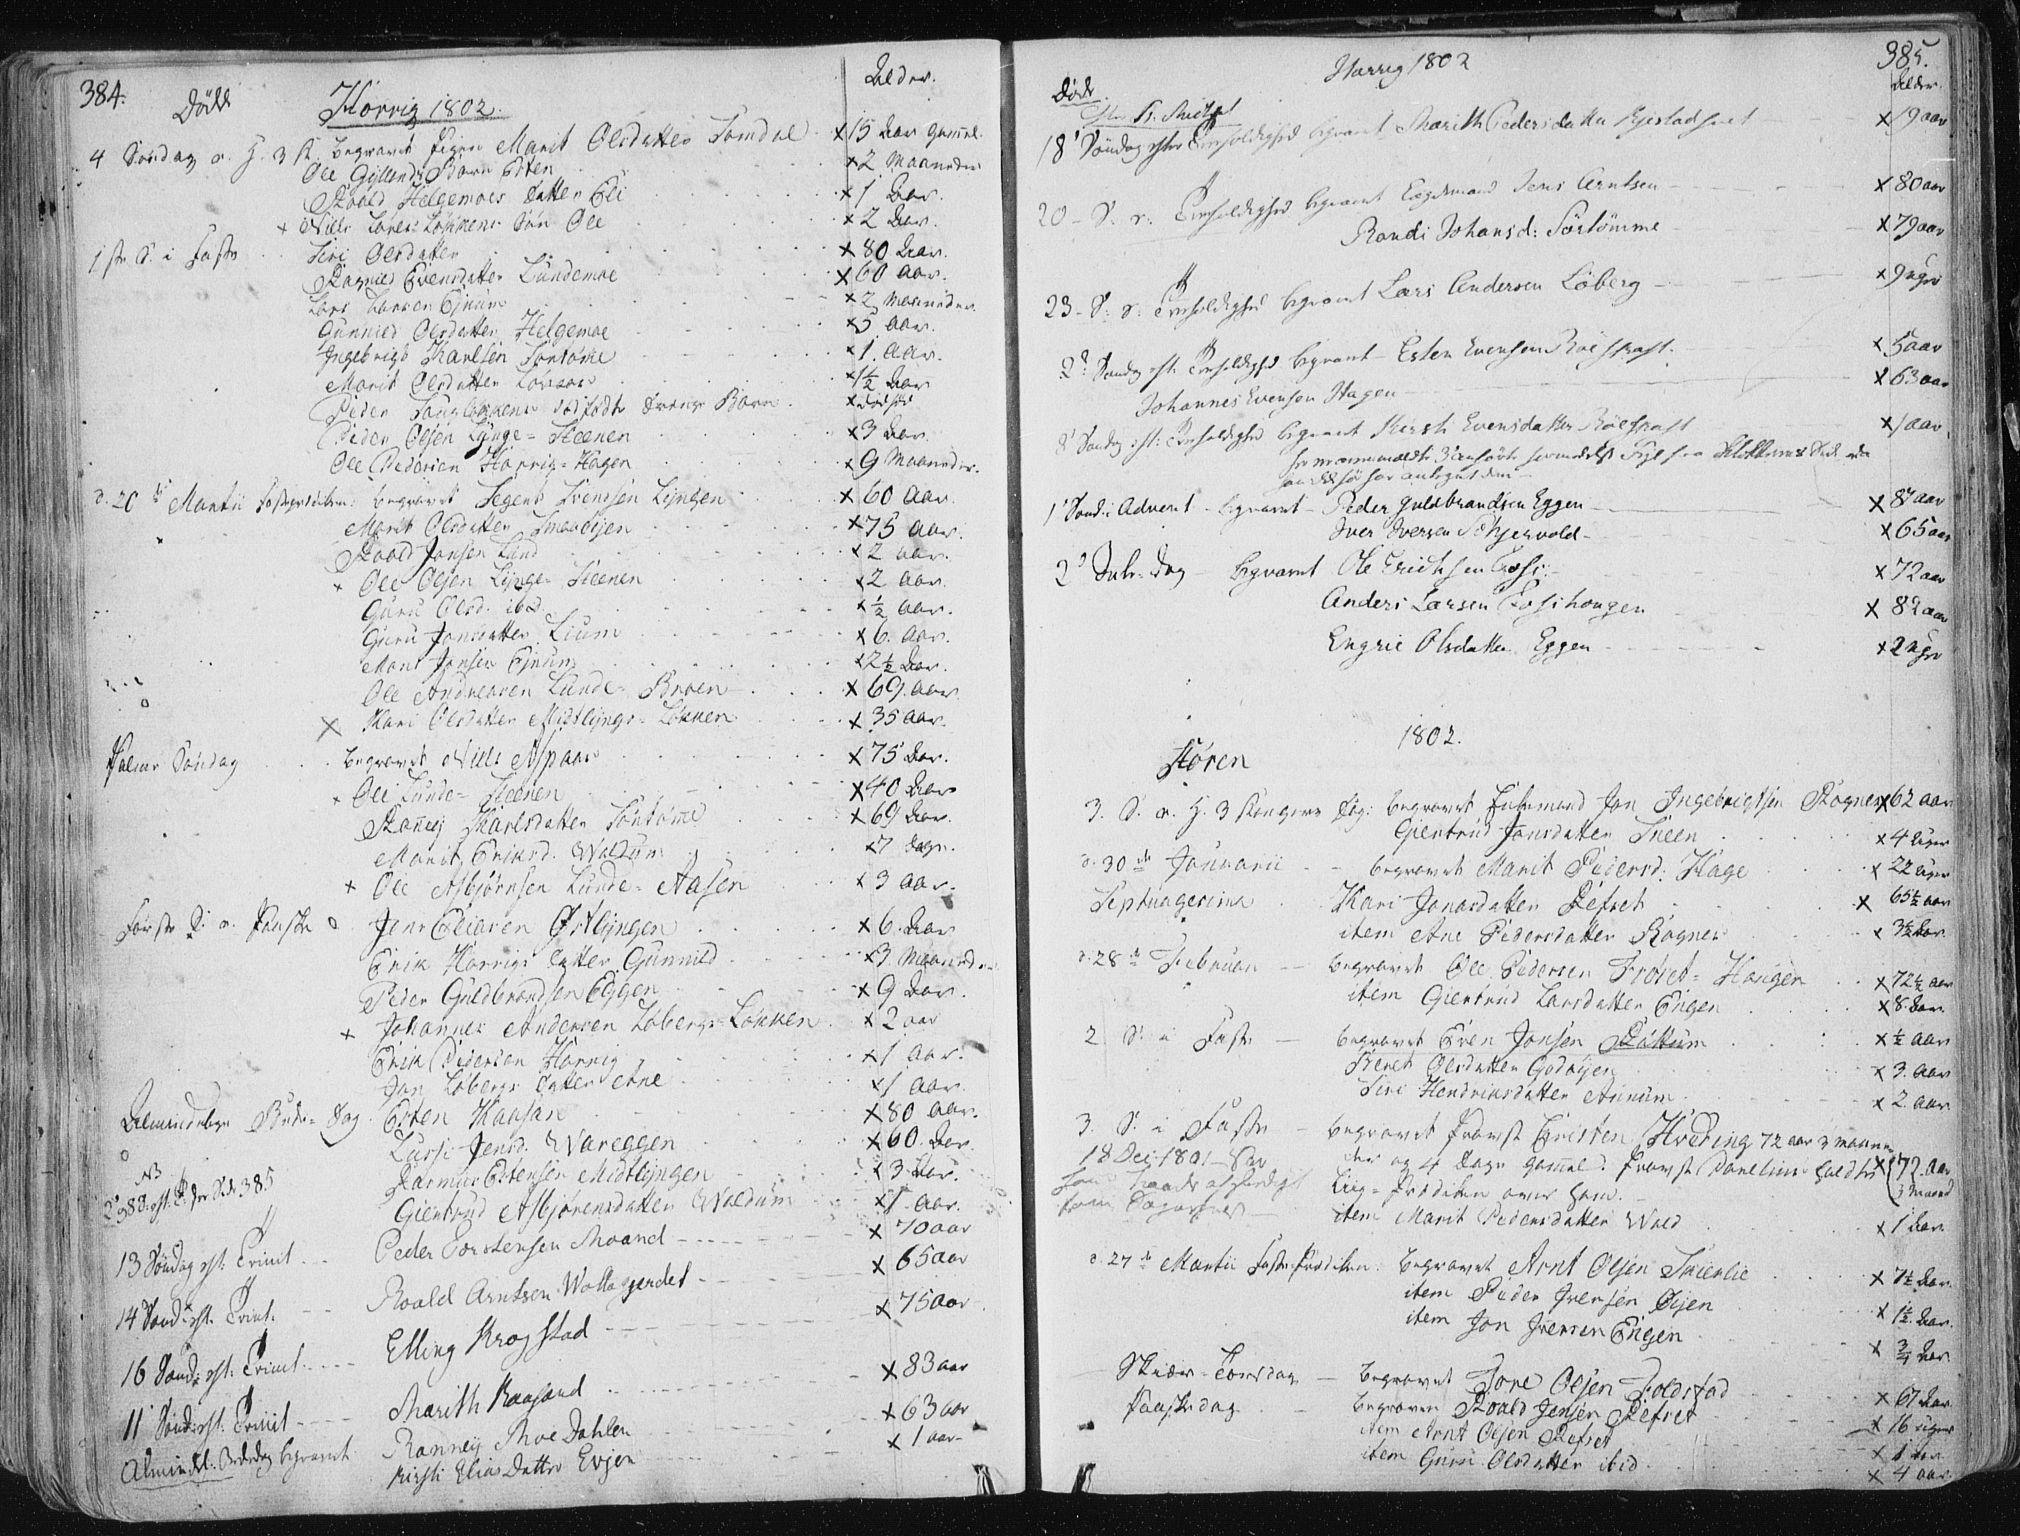 SAT, Ministerialprotokoller, klokkerbøker og fødselsregistre - Sør-Trøndelag, 687/L0992: Ministerialbok nr. 687A03 /1, 1788-1815, s. 384-385